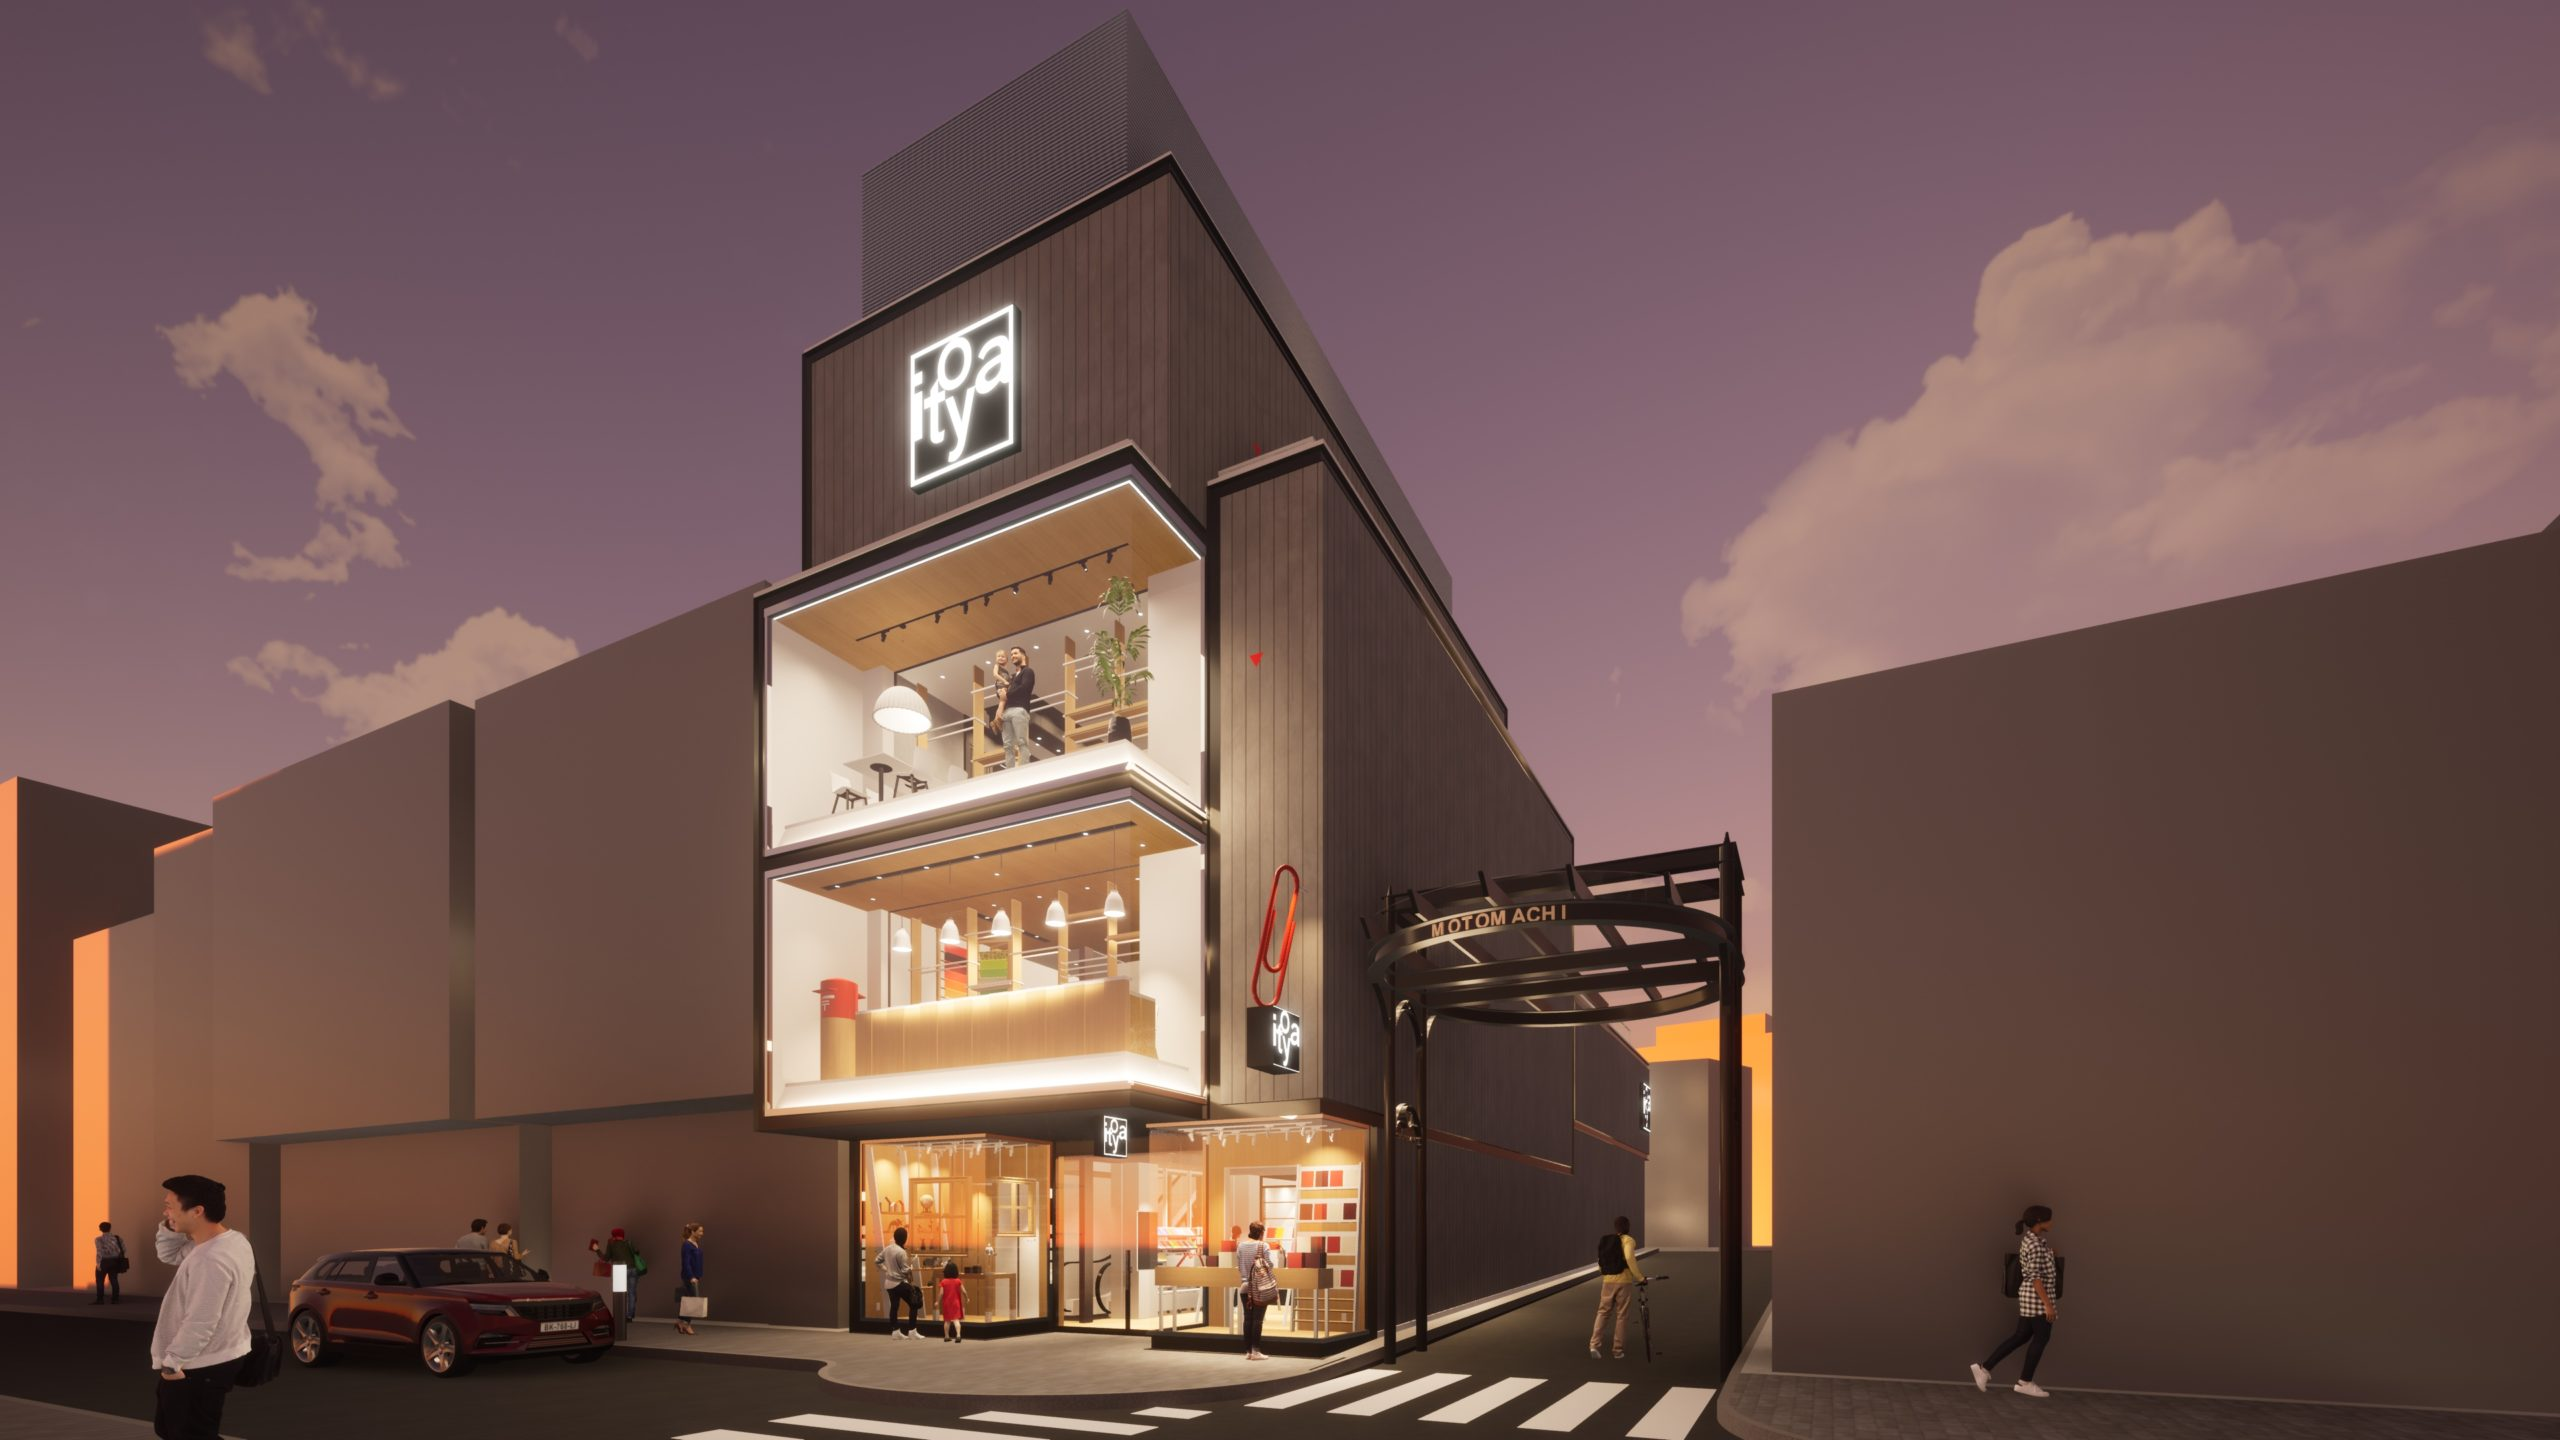 Twinmotionで作成した横浜元町商店街の銀座伊東屋横浜元町店の外観CGイメージ画像